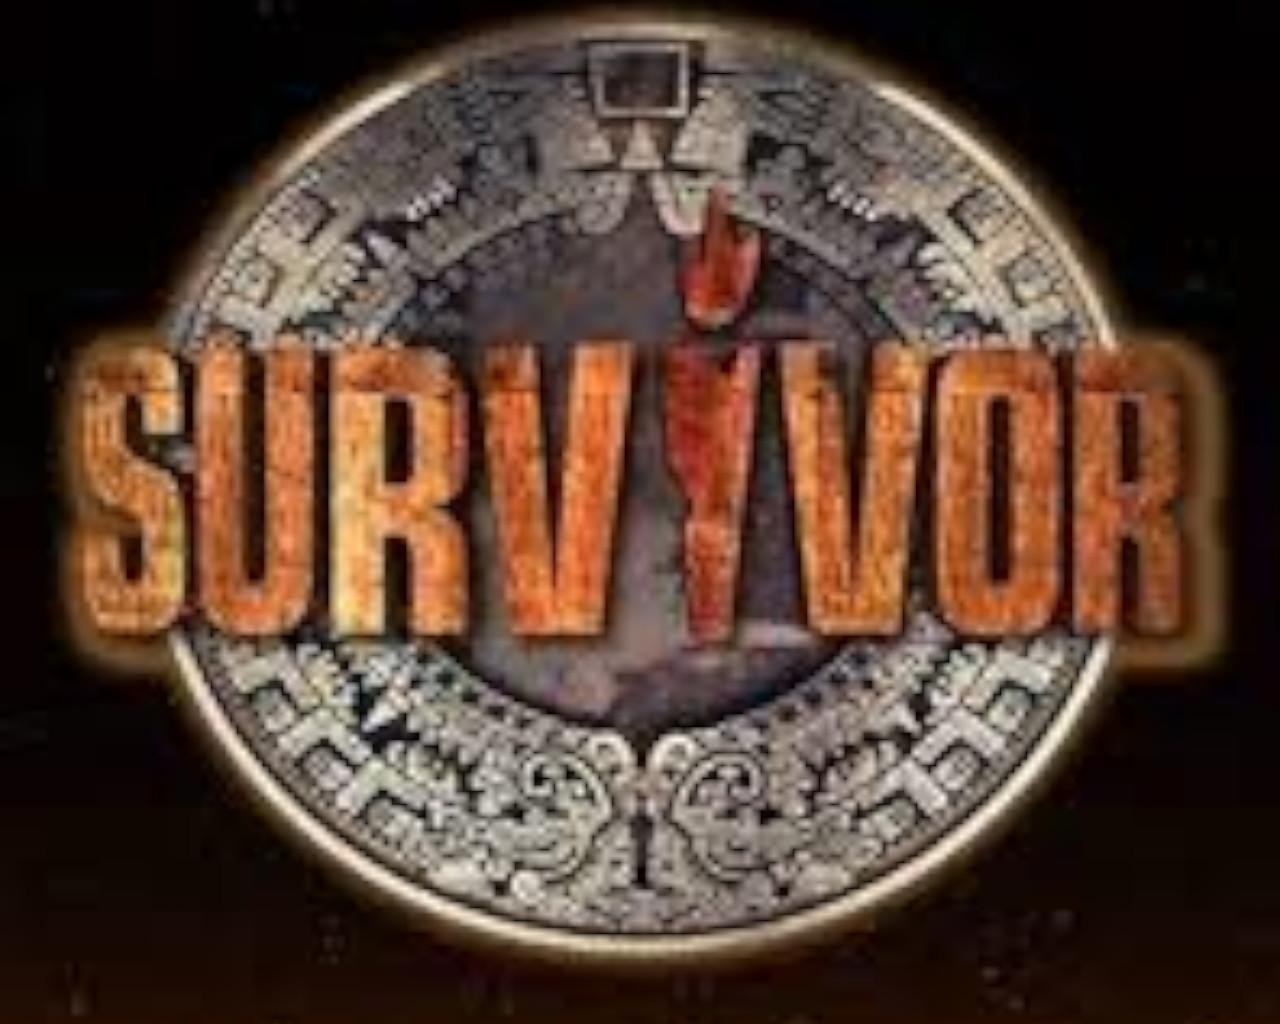 survivor 4, survivor 4 ασυλία,survivor 4 spoiler,survivor 4 skai,survivor 4 παίκτες,survivor 4 trailer,survivor 4 αποχωρηση,survivor 4 διασημοι,survivor 4 μαχητες,survivor 4 νέες προσθηκες,survivor 4 νεοι παικτες,survivor 4 κοκκινοι,survivor 4 μπλε,survivor spoiler,survivor trailer,survivor 2021,survivor greece